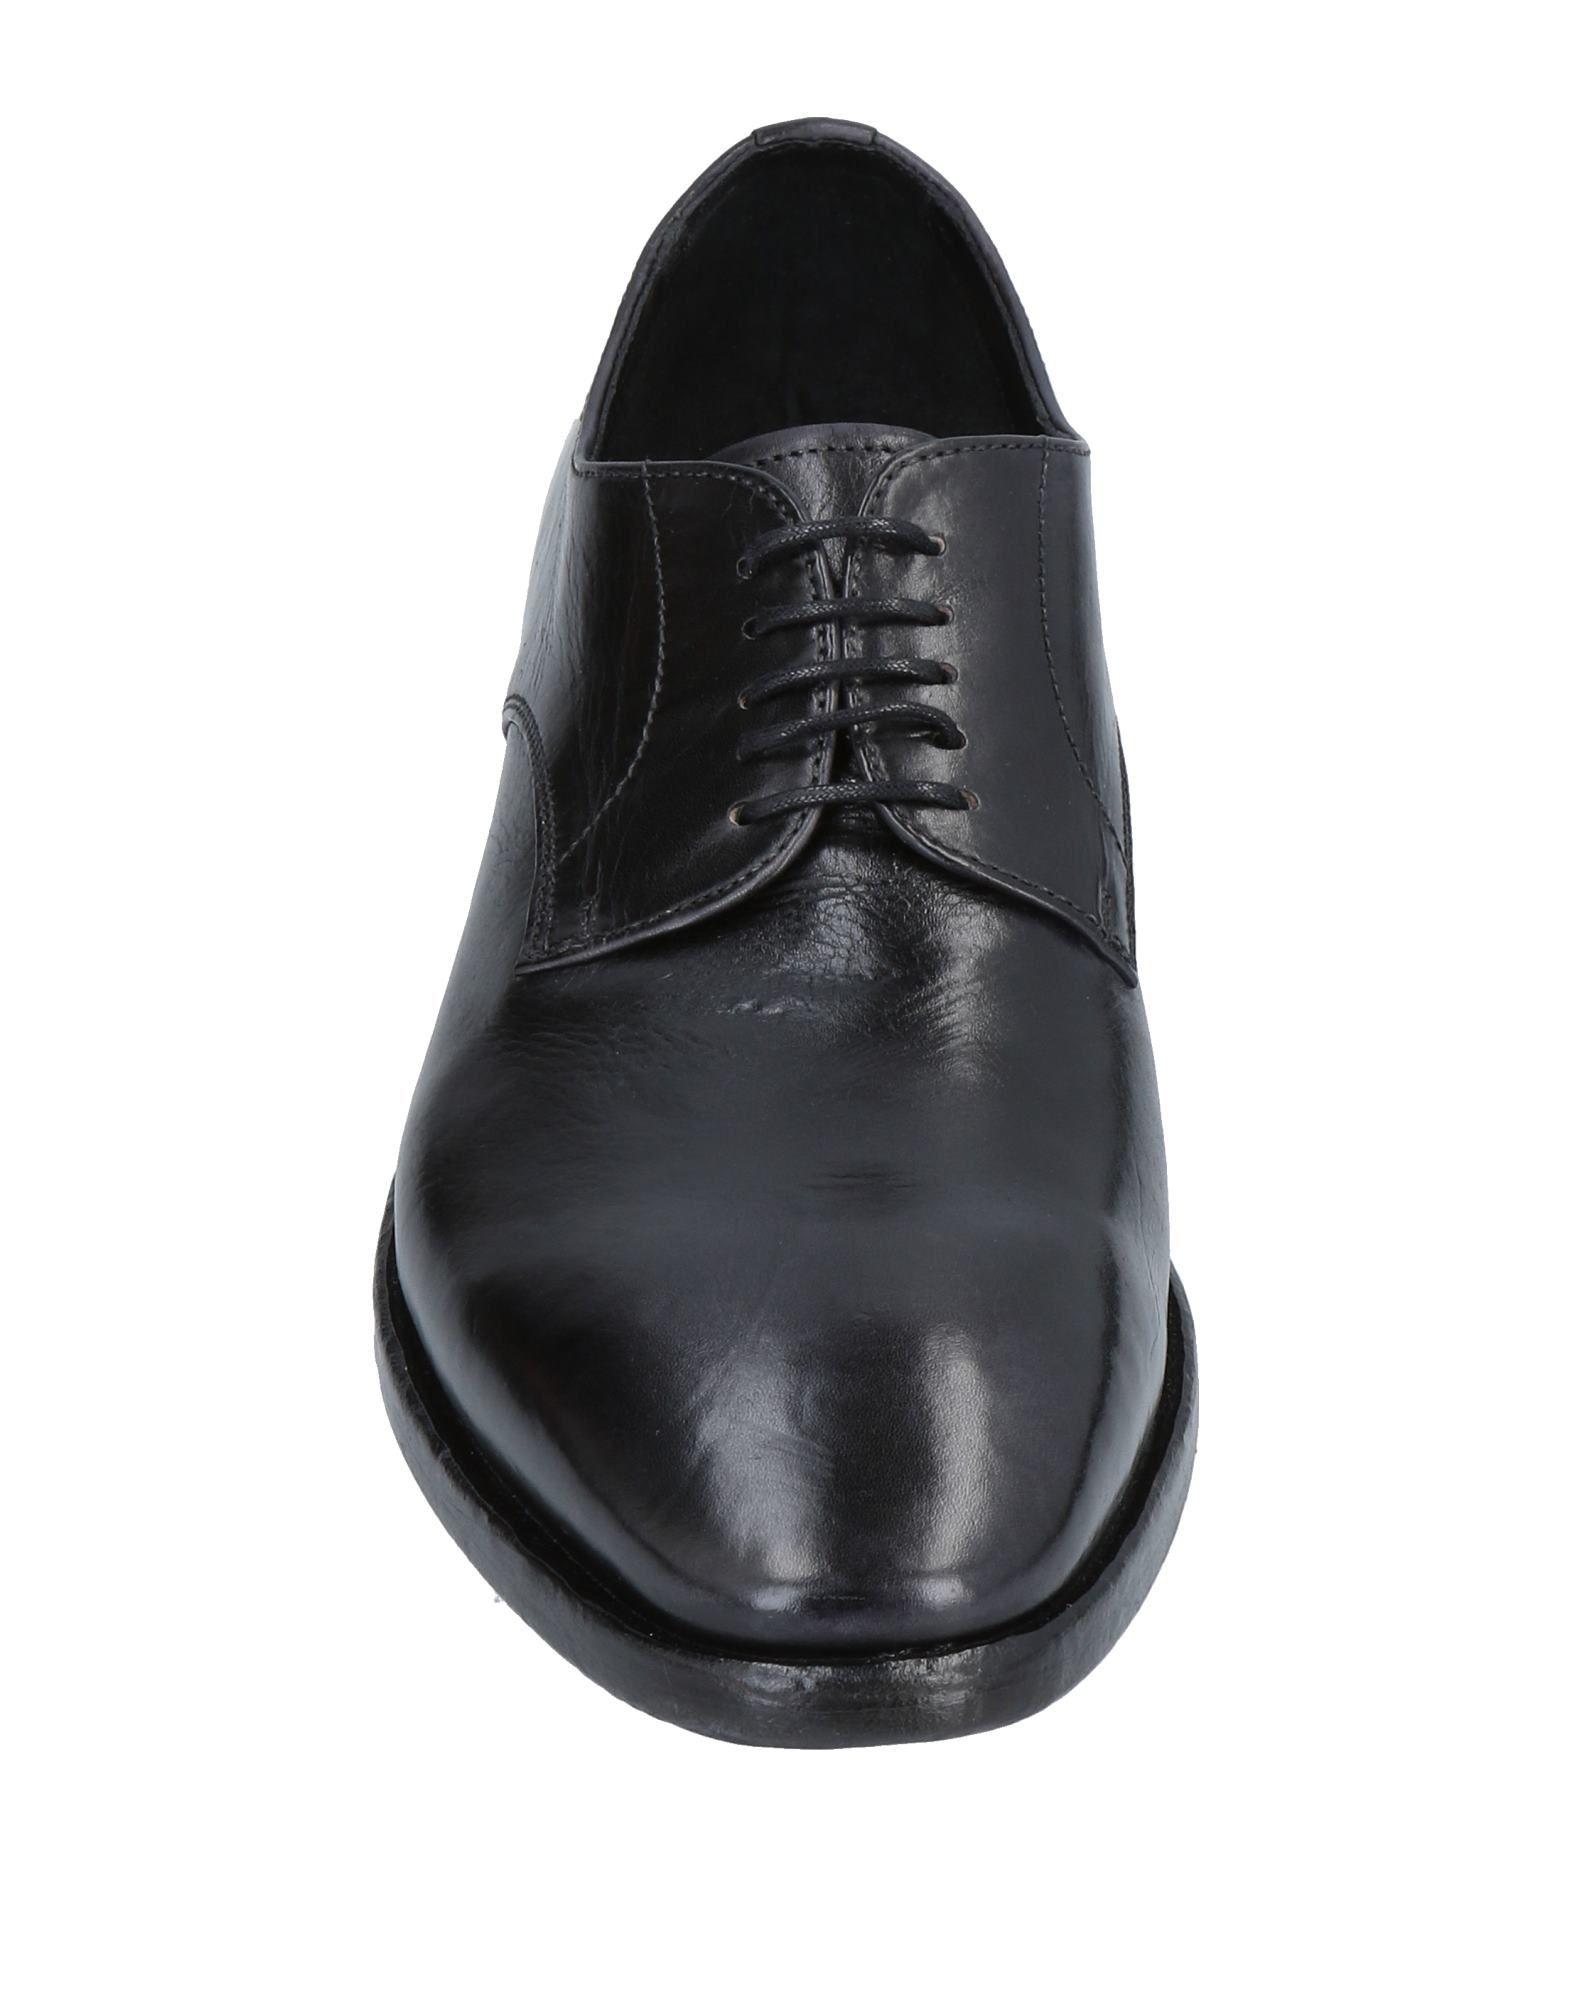 Preventi Schnürschuhe Herren  11478371EF Gute Qualität beliebte Schuhe